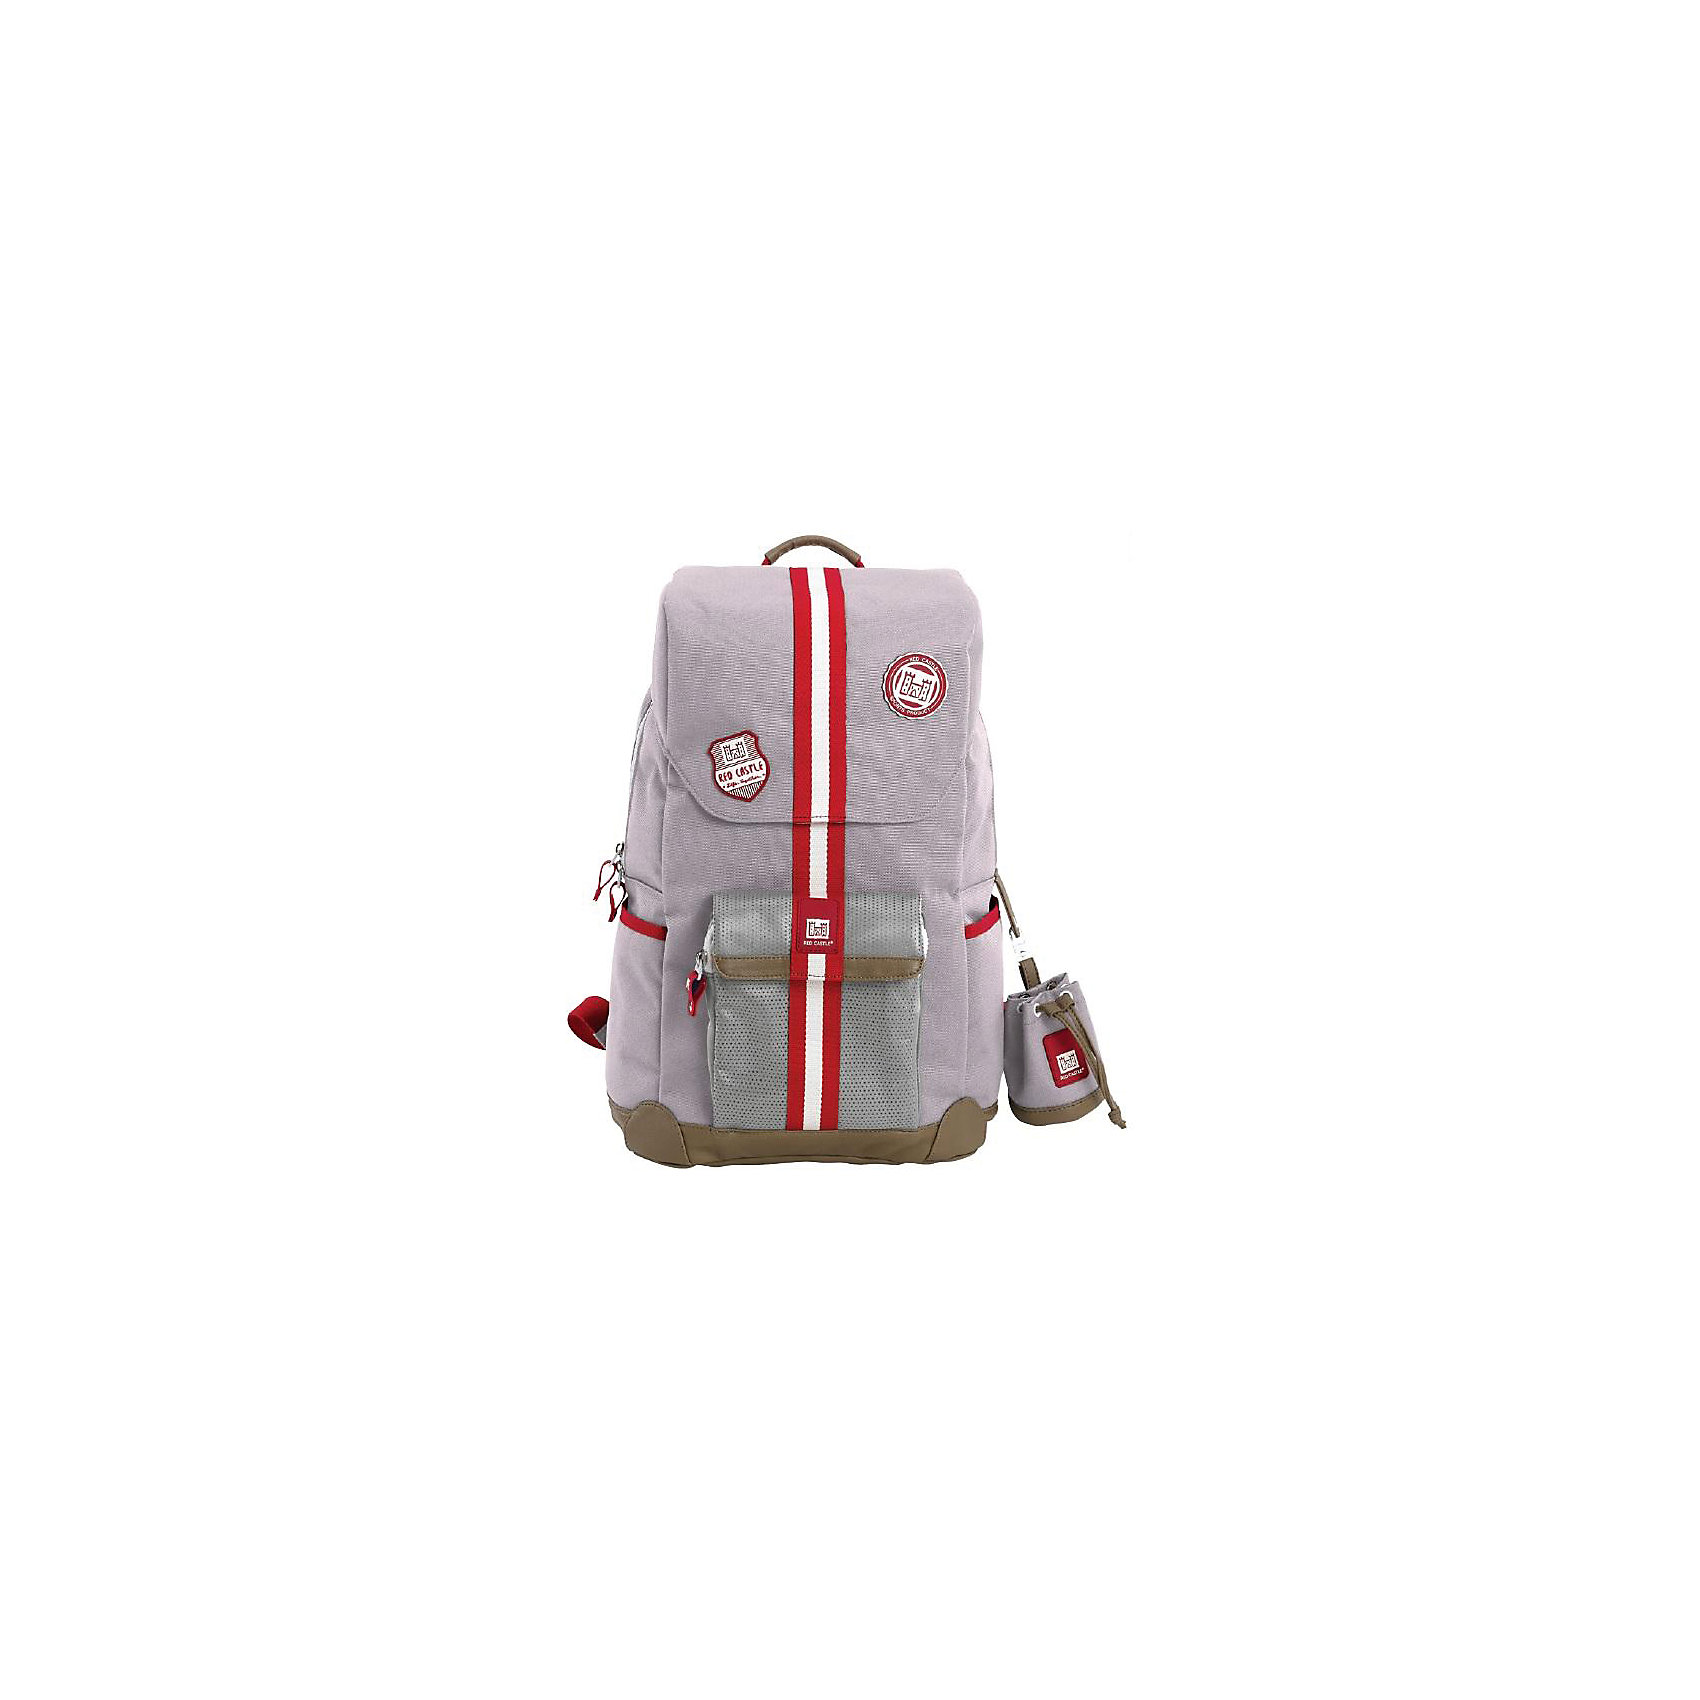 Рюкзак City Changing Bag, Red Castle, серыйВсё для мам<br>Шикарный, стильный рюкзак, ваши руки свободны, когда вы одни или с детьми.<br>• Удобный сменный матрасик, находящийся в специальном отсеке.<br>• Множество карманов для хранения. Передний карман специально для родителей (в нём можно хранить ключи, кошелек, сотовый телефон ...), внешние боковые карманы для других мелочей.<br>• Повышенный комфорт. Мягкая спинка 3D-Mesh – это технически совершенный, дышащий материал.<br>• Эффективный держатель, простой крепежный крюк.<br>• Изотермический карман для бутылочек, оставляет детскую еду теплой или прохладной.<br>• Разработан из высокопрочных материалов для повседневного использования.<br>Уход за изделием:<br> Чистка влажной губкой или машинная стирка в деликатном режиме.<br>  Матрасик : Машинная стирка 30 °.<br><br><br>Ширина мм: 320<br>Глубина мм: 130<br>Высота мм: 480<br>Вес г: 1350<br>Возраст от месяцев: 216<br>Возраст до месяцев: 1188<br>Пол: Унисекс<br>Возраст: Детский<br>SKU: 6681996